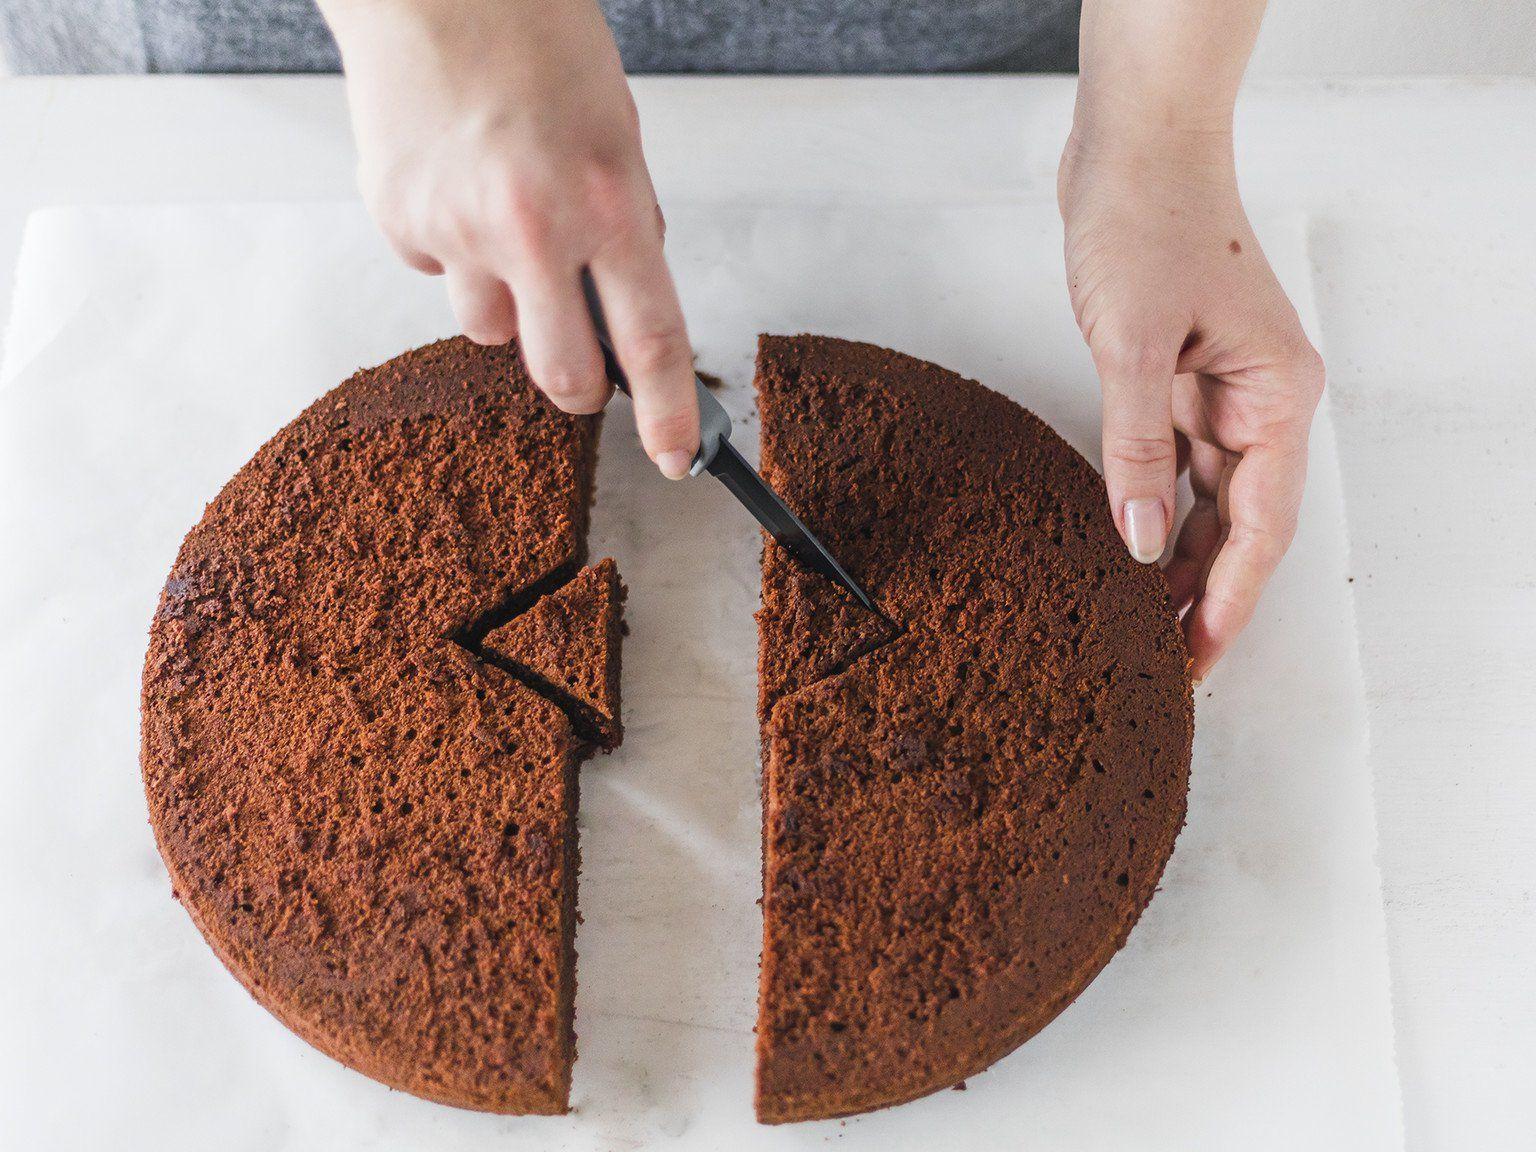 Schmetterlingskuchen Zum Kindergeburtstag Rezept Schmetterling Kuchen Schmetterlingskuchen Kuchen Kindergeburtstag Schmetterling